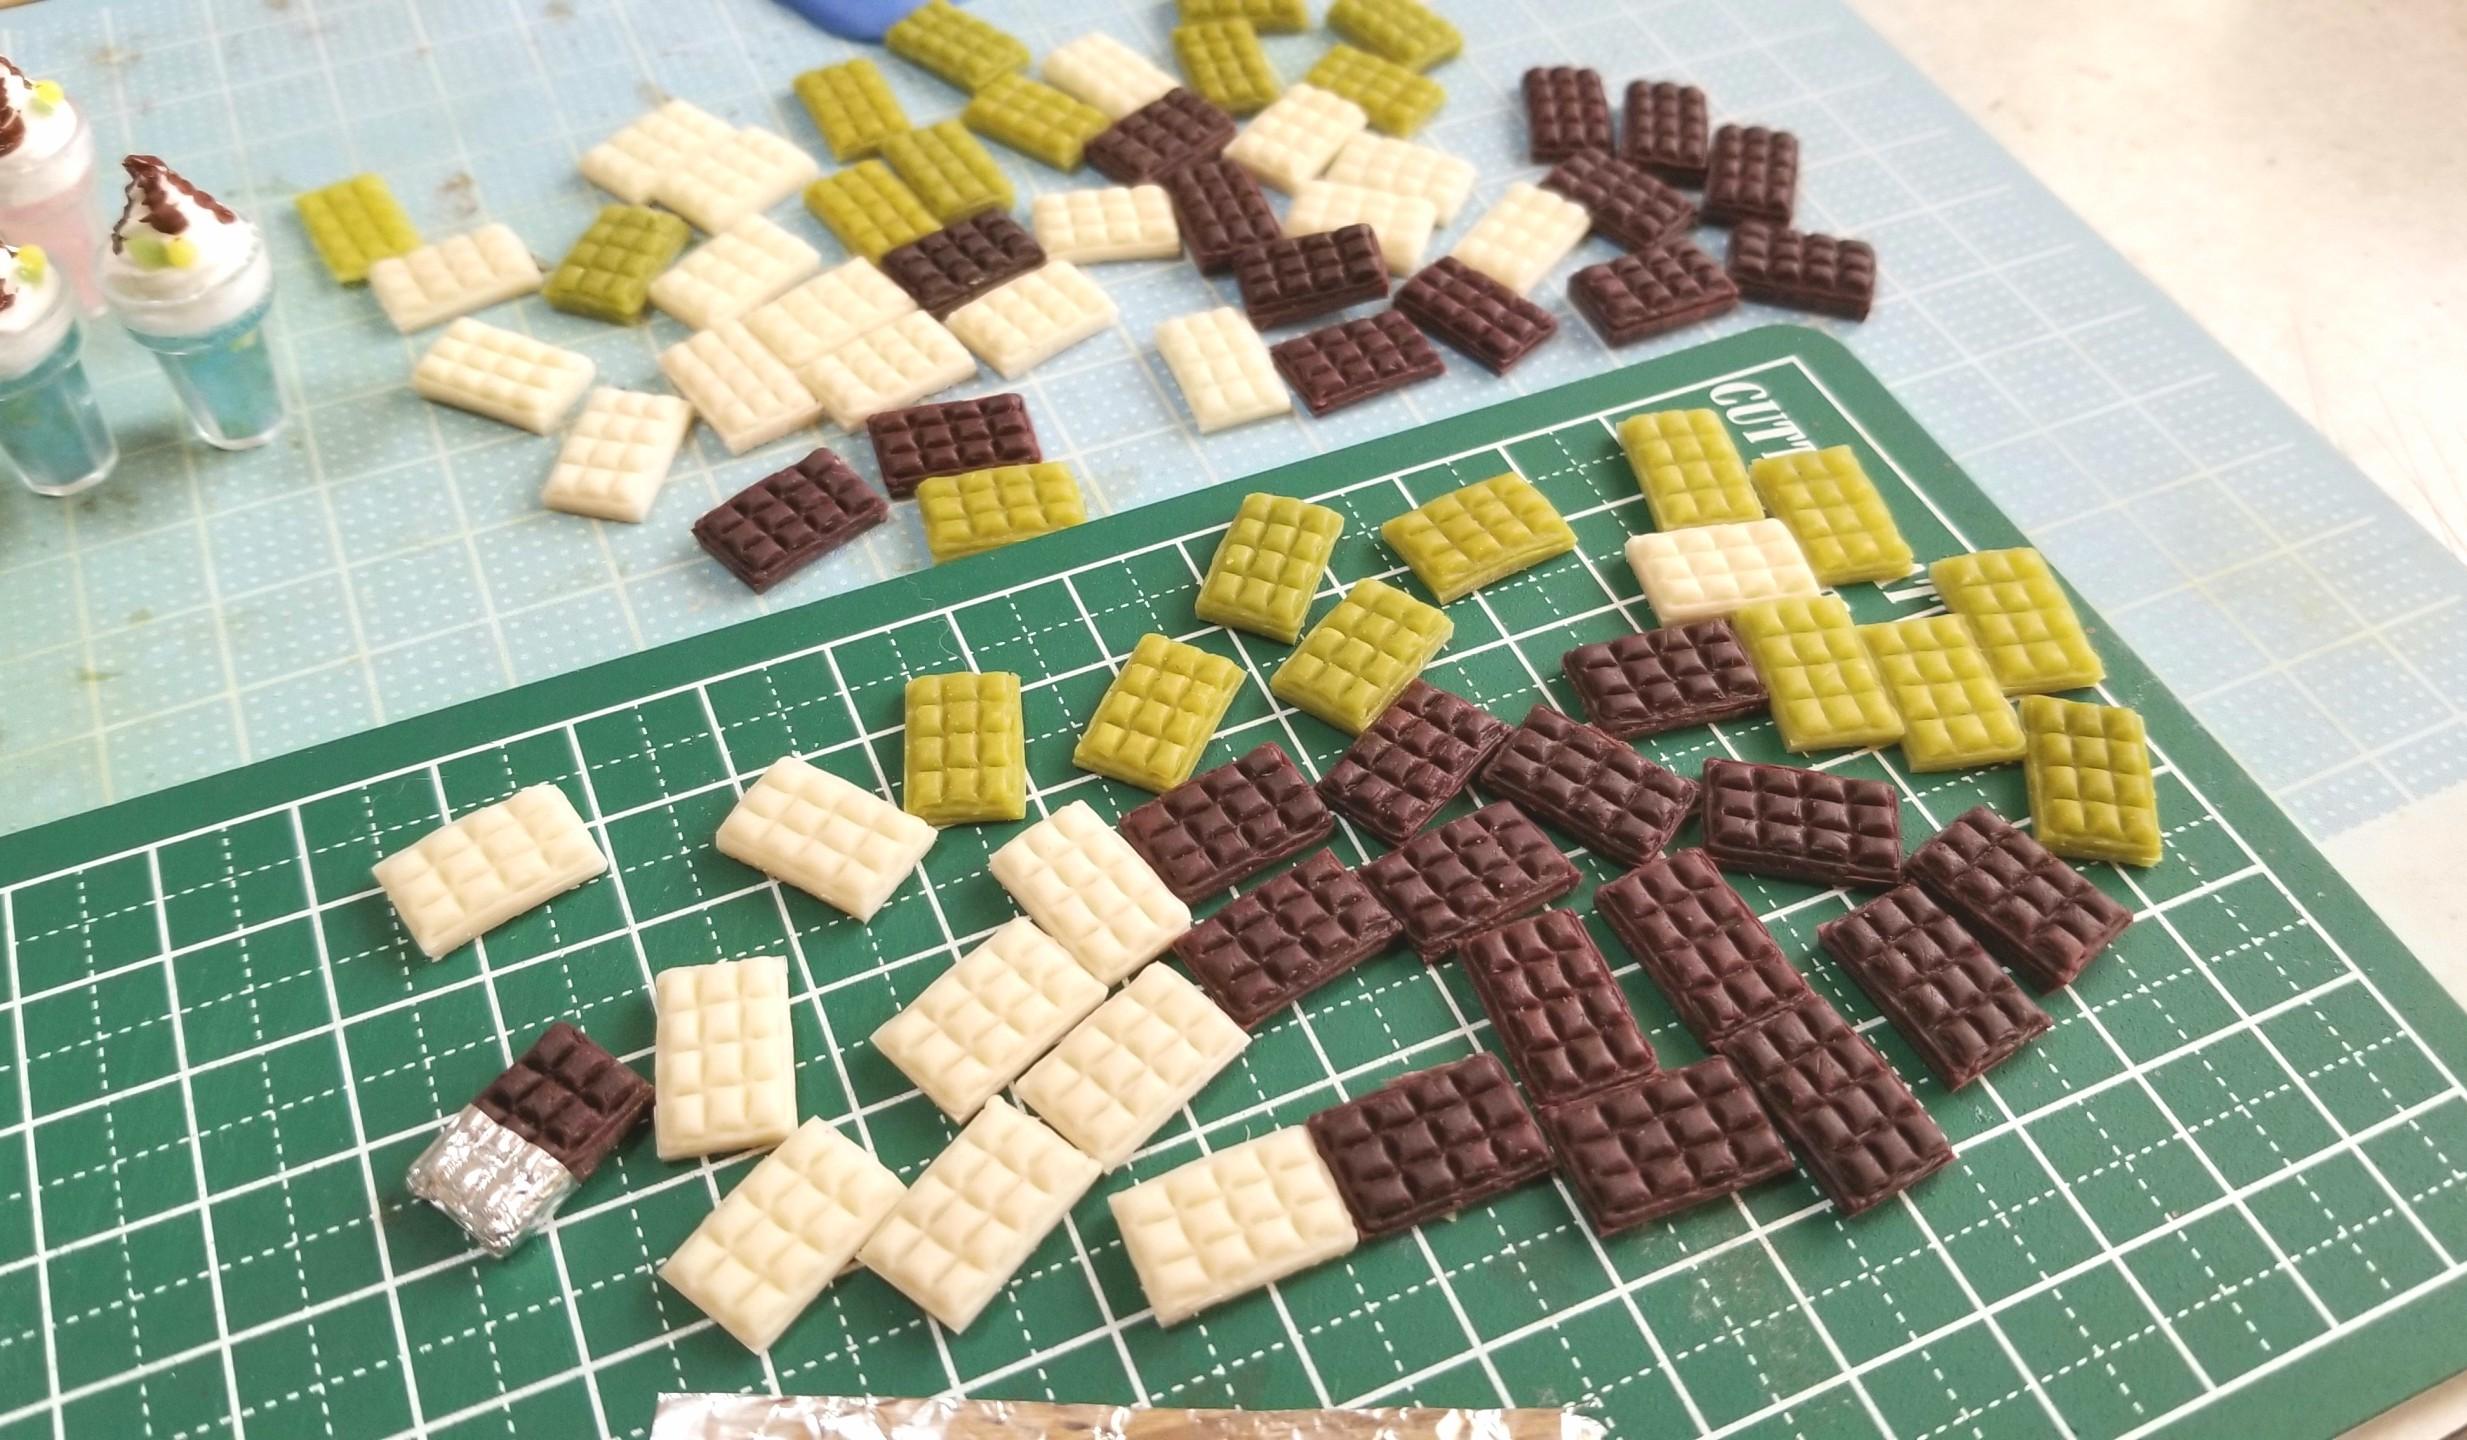 板チョコレート,作り方,ミニチュア,樹脂粘土,ドールハウス,人形